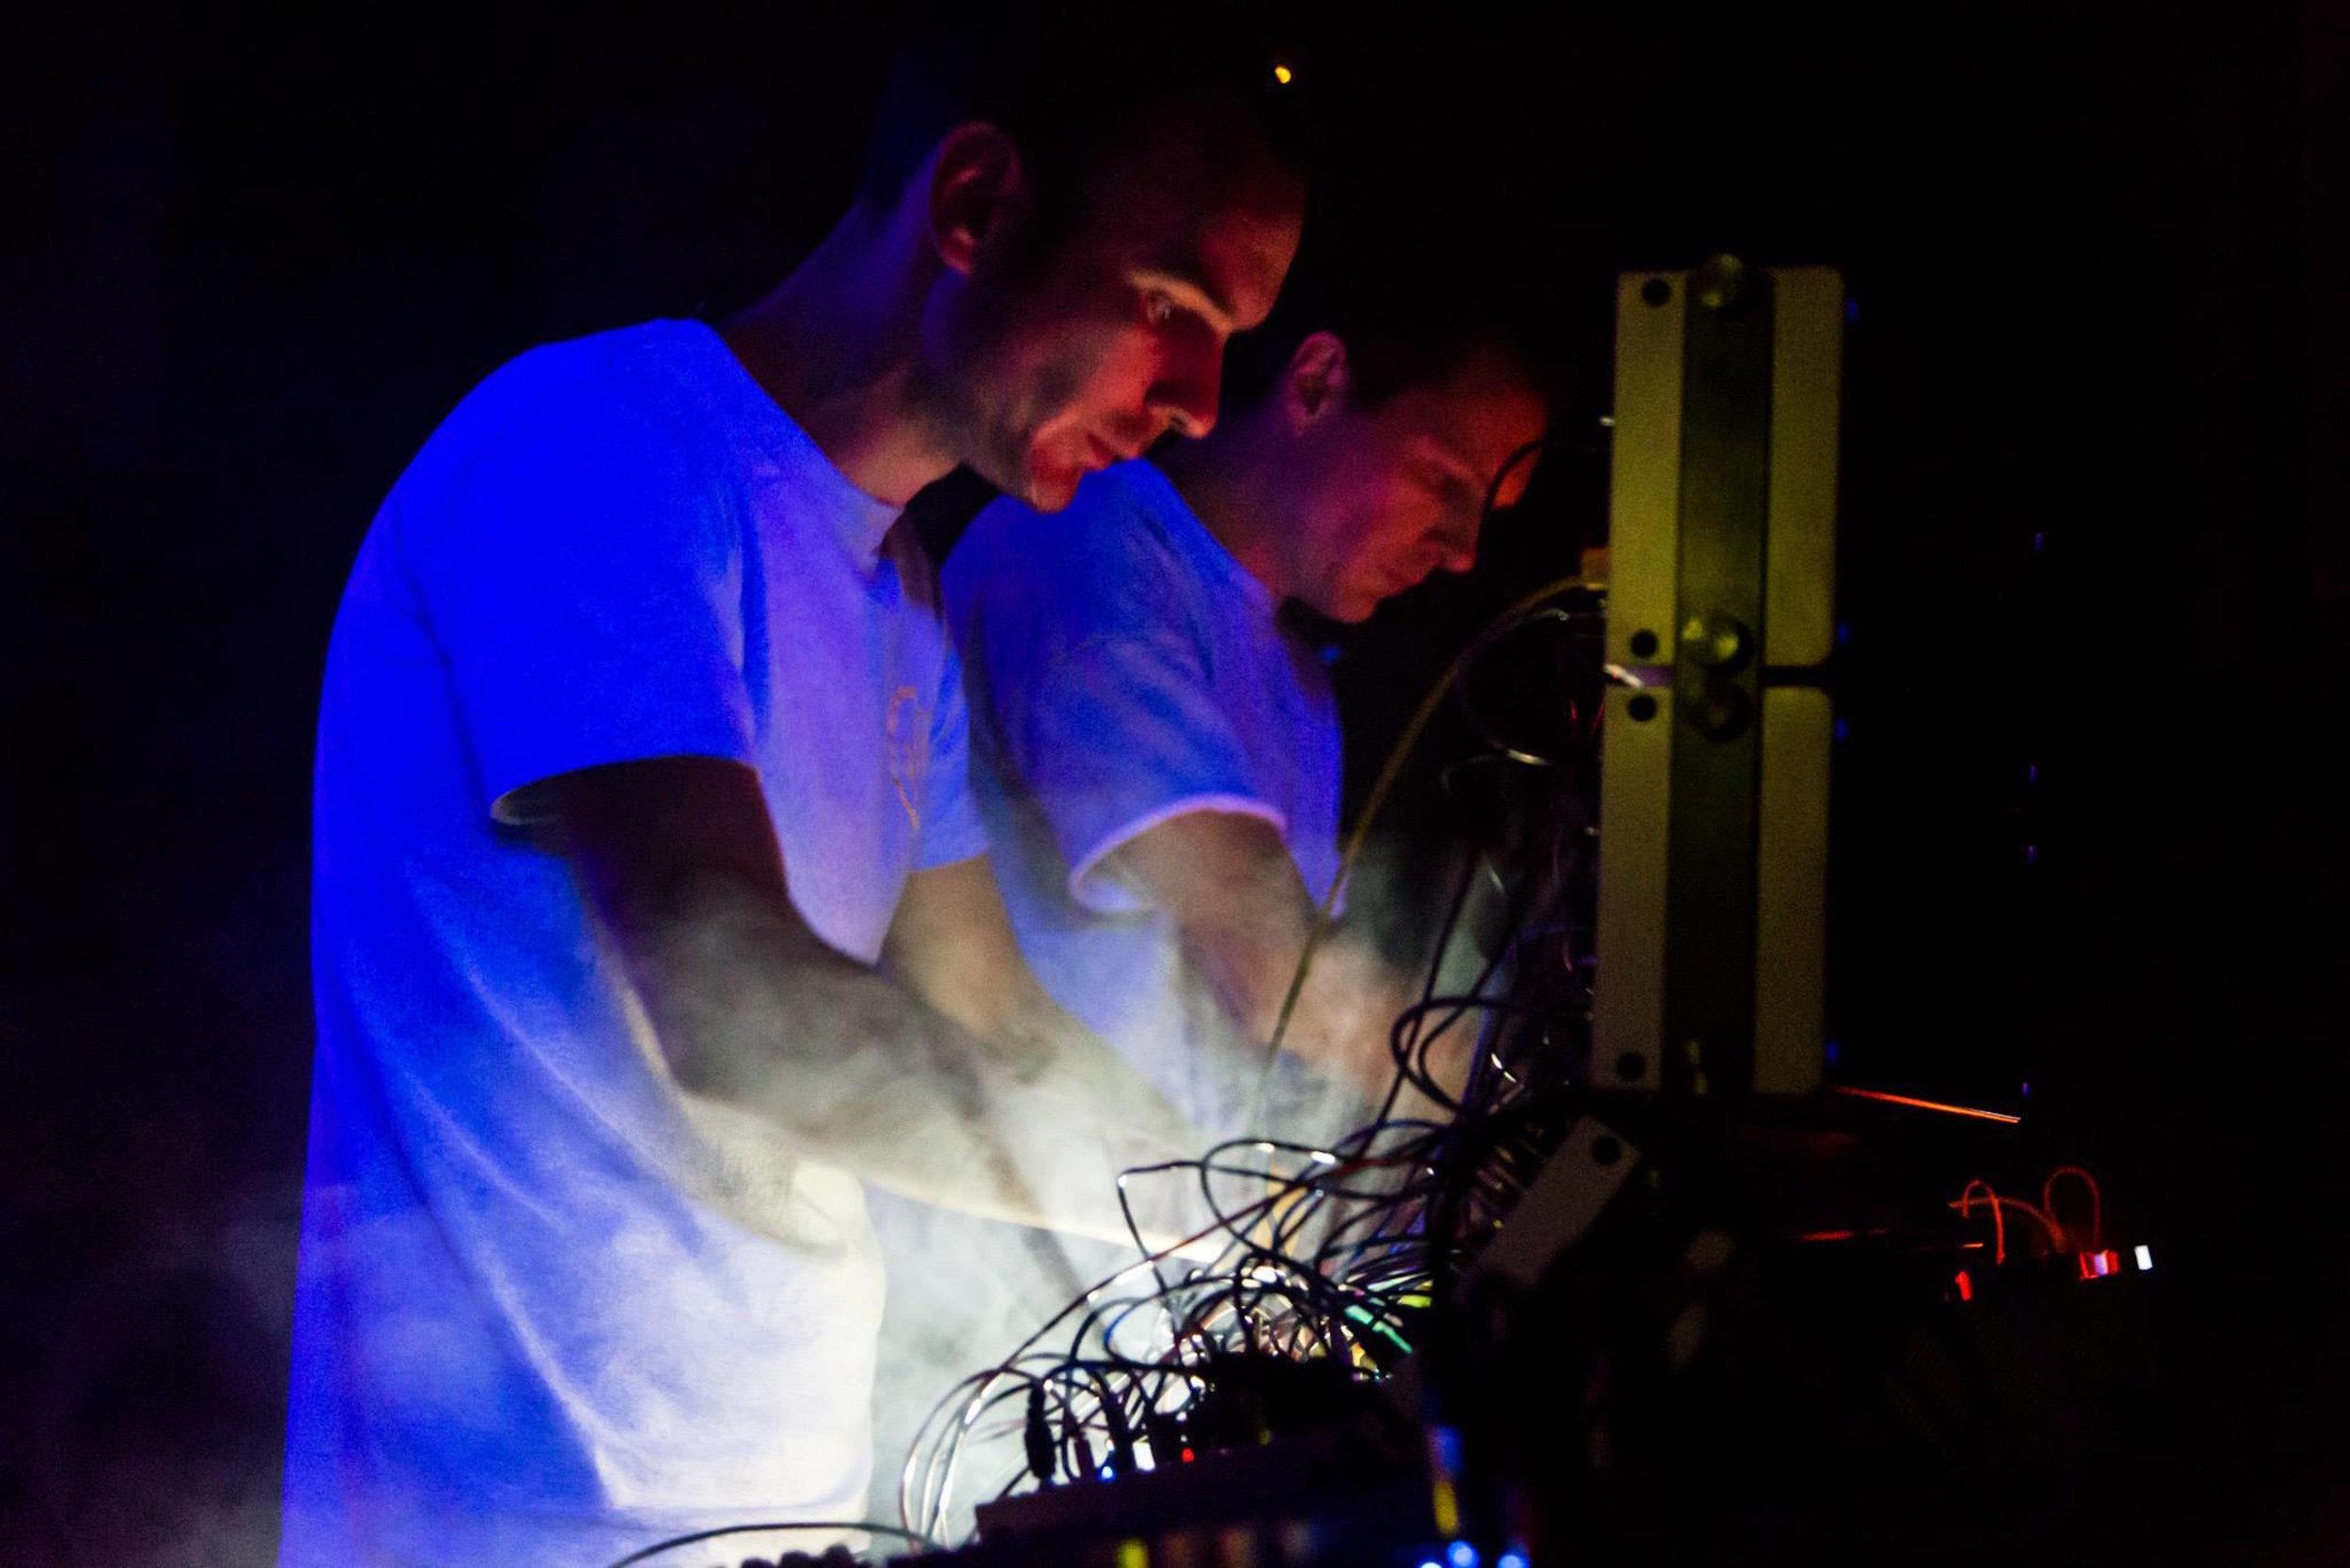 Gavin och Phil under en livespelning. Konserter och plattor har höjt butikens profil.